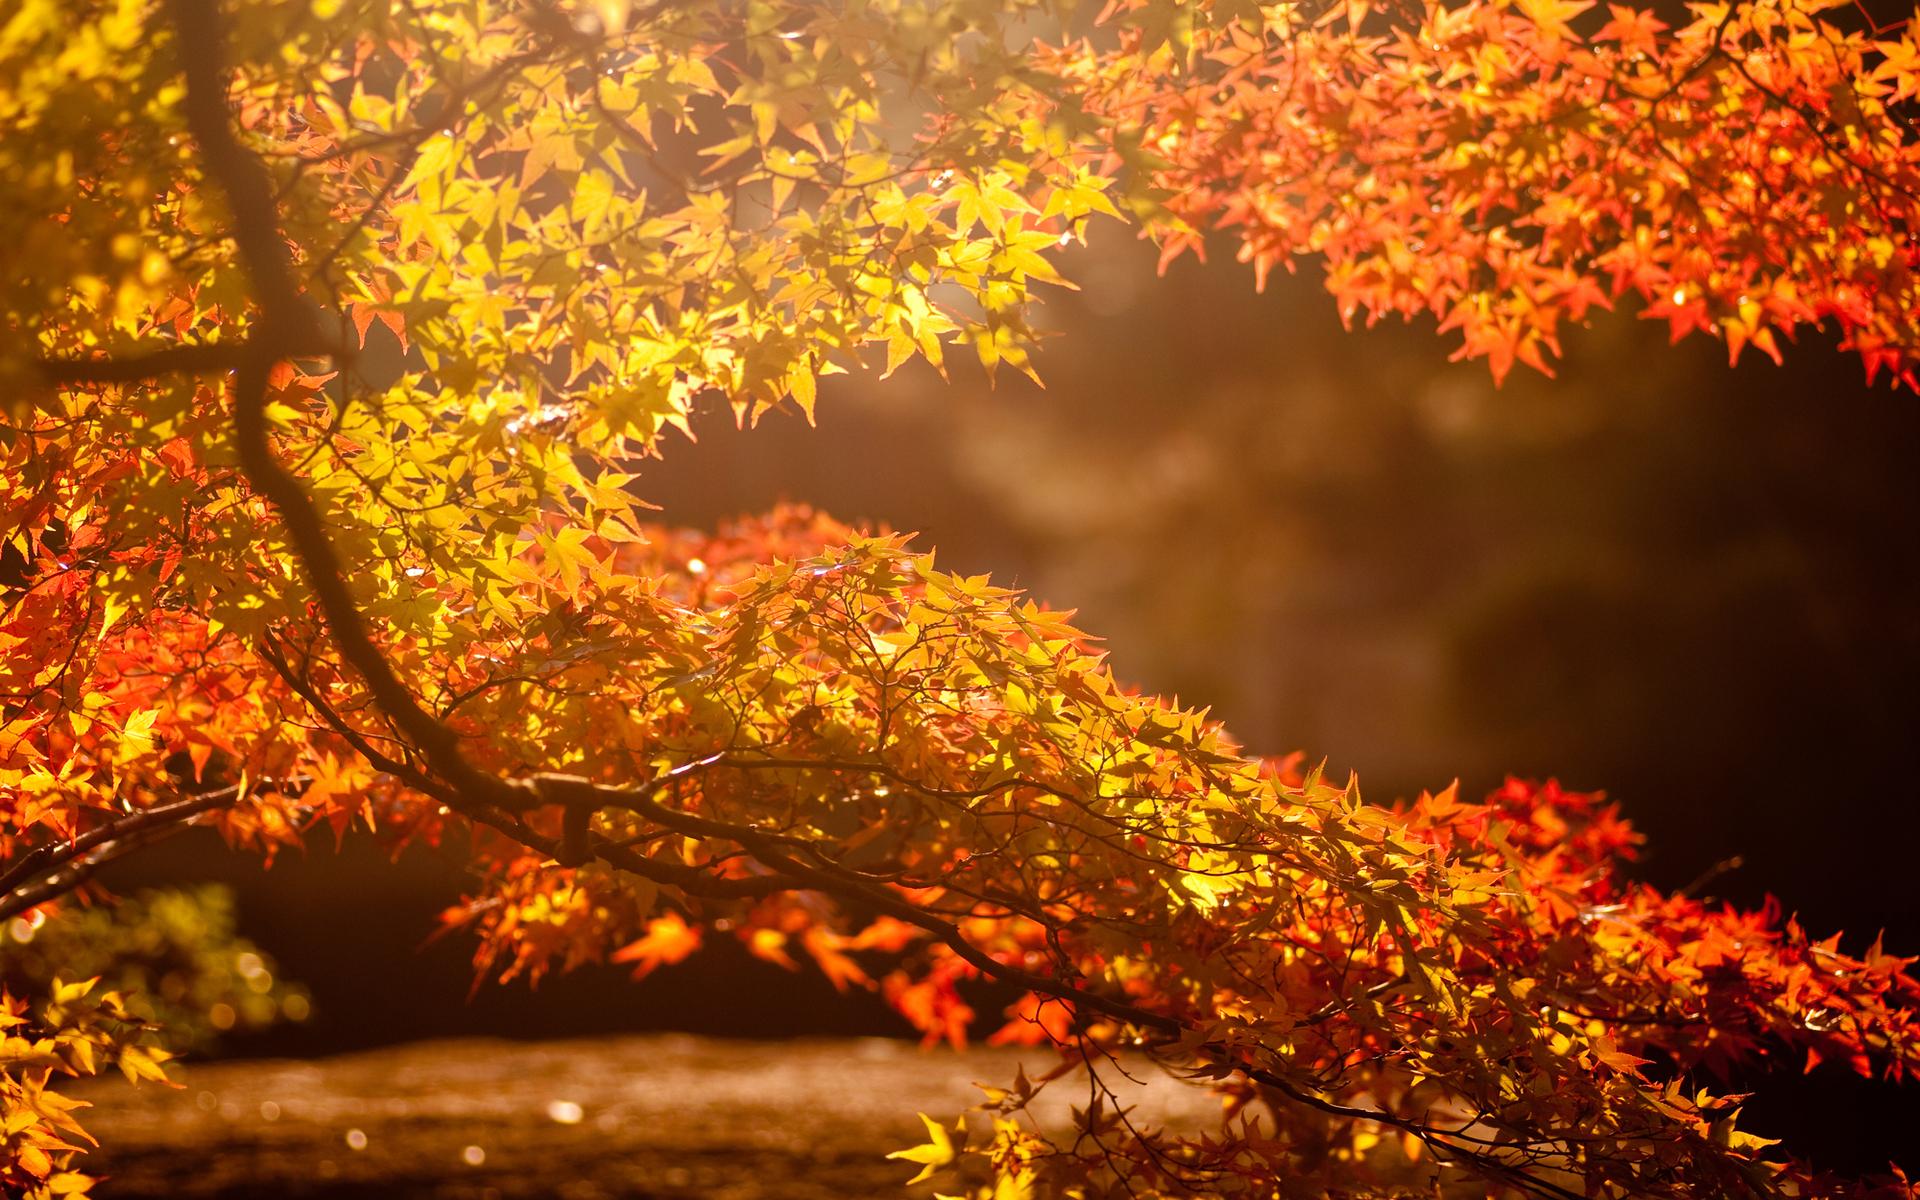 fun fall wallpaper - photo #8